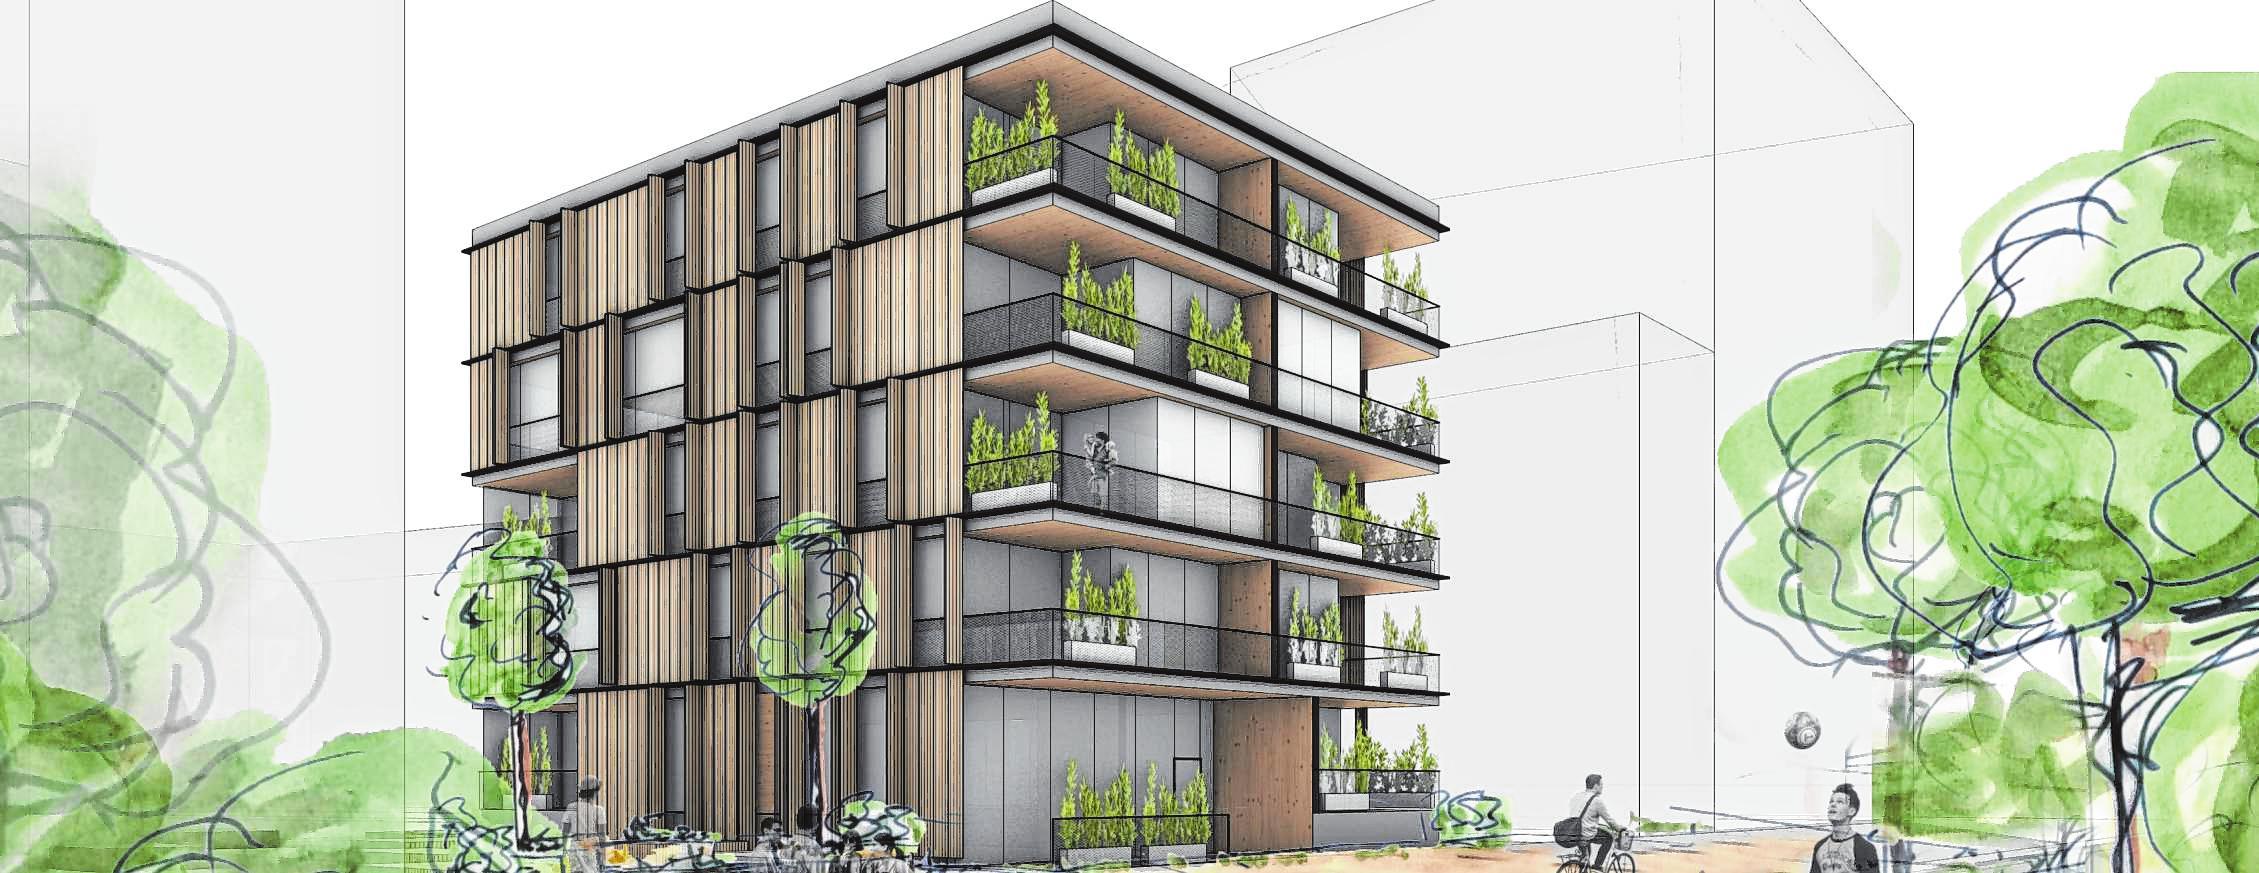 Mannheimer Baugemeinschaft Neighborwood: Wohnhaus am BUGA-Park